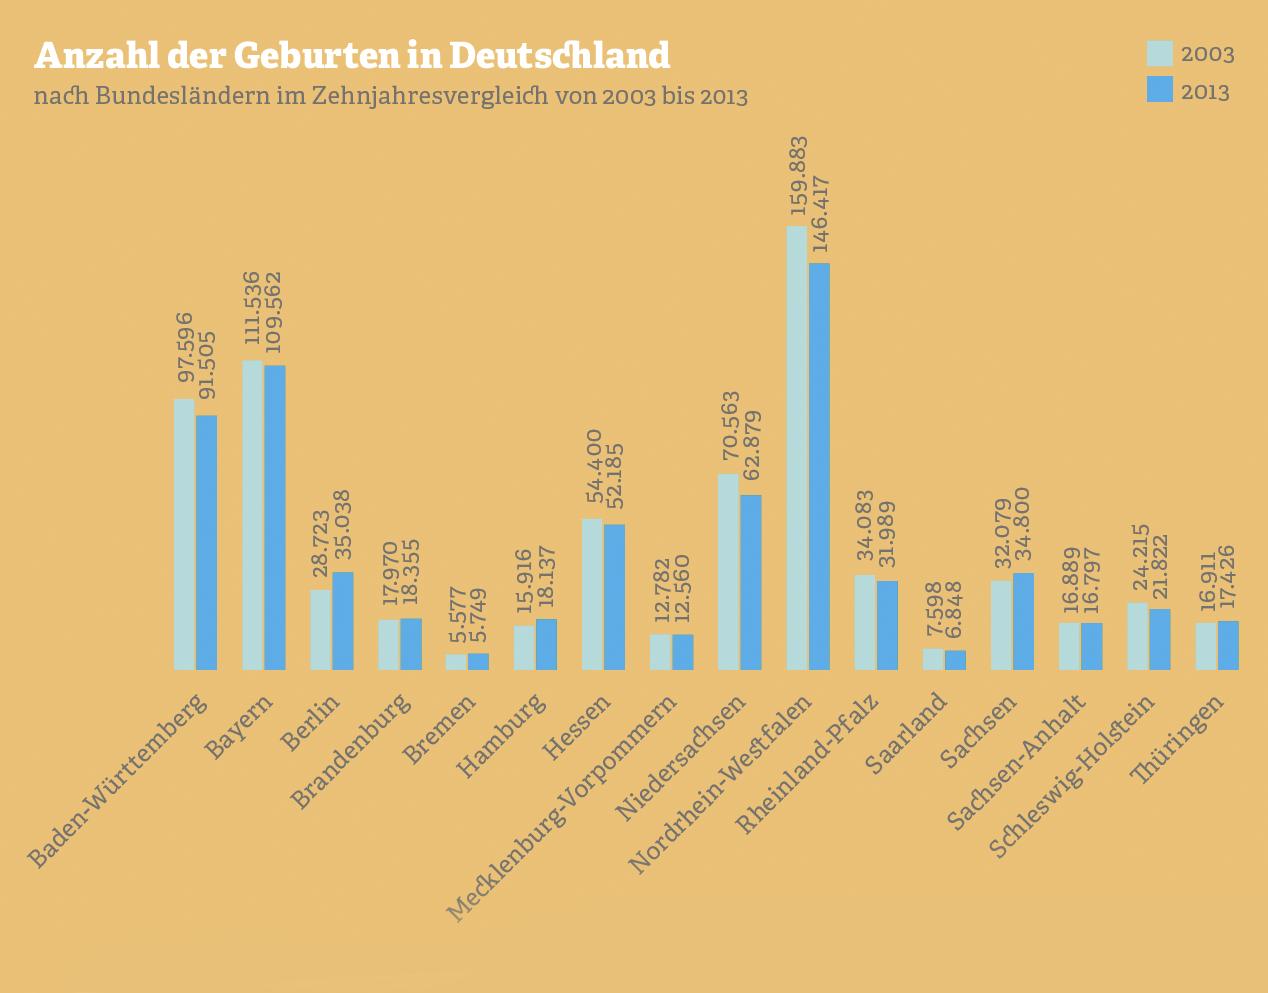 Grafik: Anzahl der Geburten in Deutschland